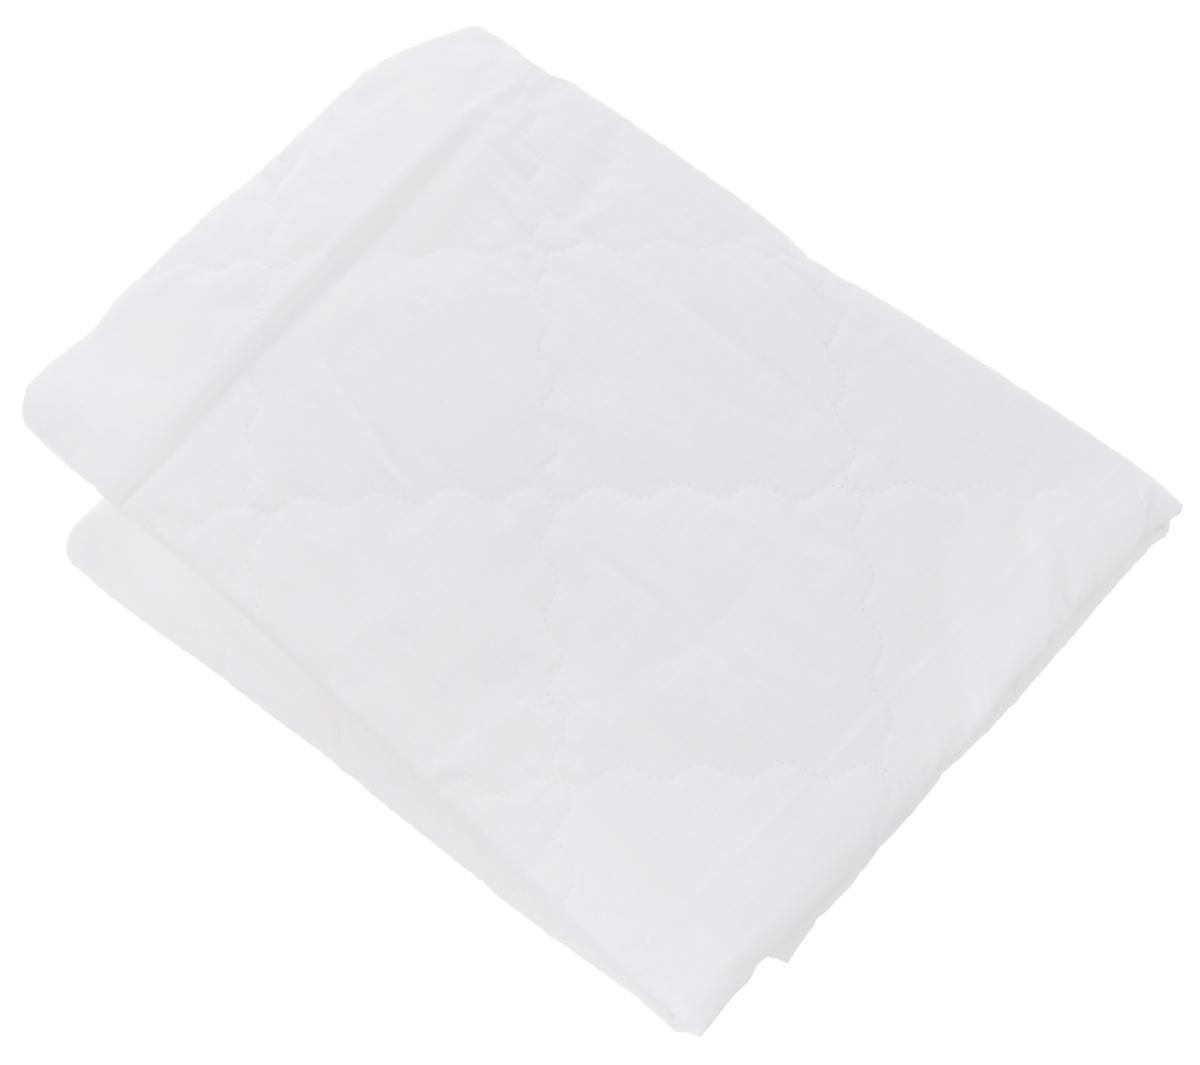 Чехол сменный для подушки Прогресс-оптим, 50 х 70 смWUB 5647 weisСменный чехол для подушки Прогресс-оптим изготовлен из ткани CVC (хлопок 65%, полиэстер 35%). Утеплитель выполнен из полиэстера. Чехол имеет декоративную фигурную стежку, закрывается на молнию. Сменный стеганый чехол на молнии для подушек - новинка на рынке текстиля! Постирать и высушить подушки - очень сложно! Оберегать от загрязнений дорогую подушку в белоснежной ткани бесконечно долго - невозможно! Заменить сразу все подушки с обветшалыми чехлами - дорого! Сменный чехол для подушек - решение всех проблем! Он поможет обновить вашу подушку и защитит от загрязнений и пыли. Легко стирается и быстро сохнет.